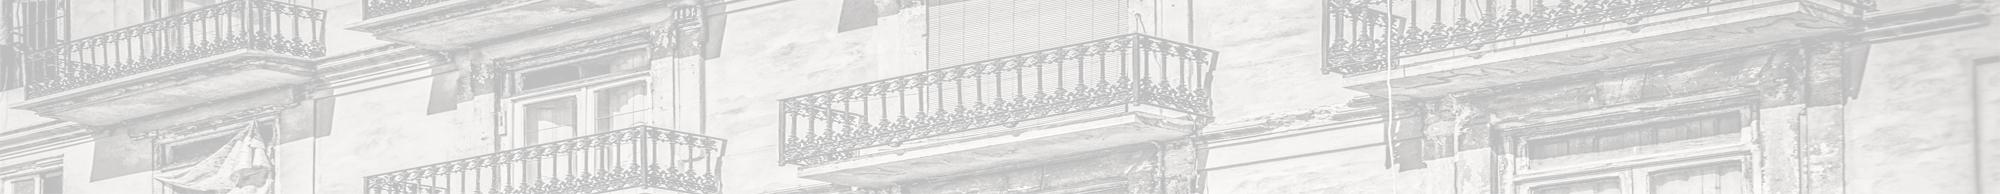 Lastra Arquitectos Gijon Asturias REHABILITACION FACHADAS GIJON ASTURIAS